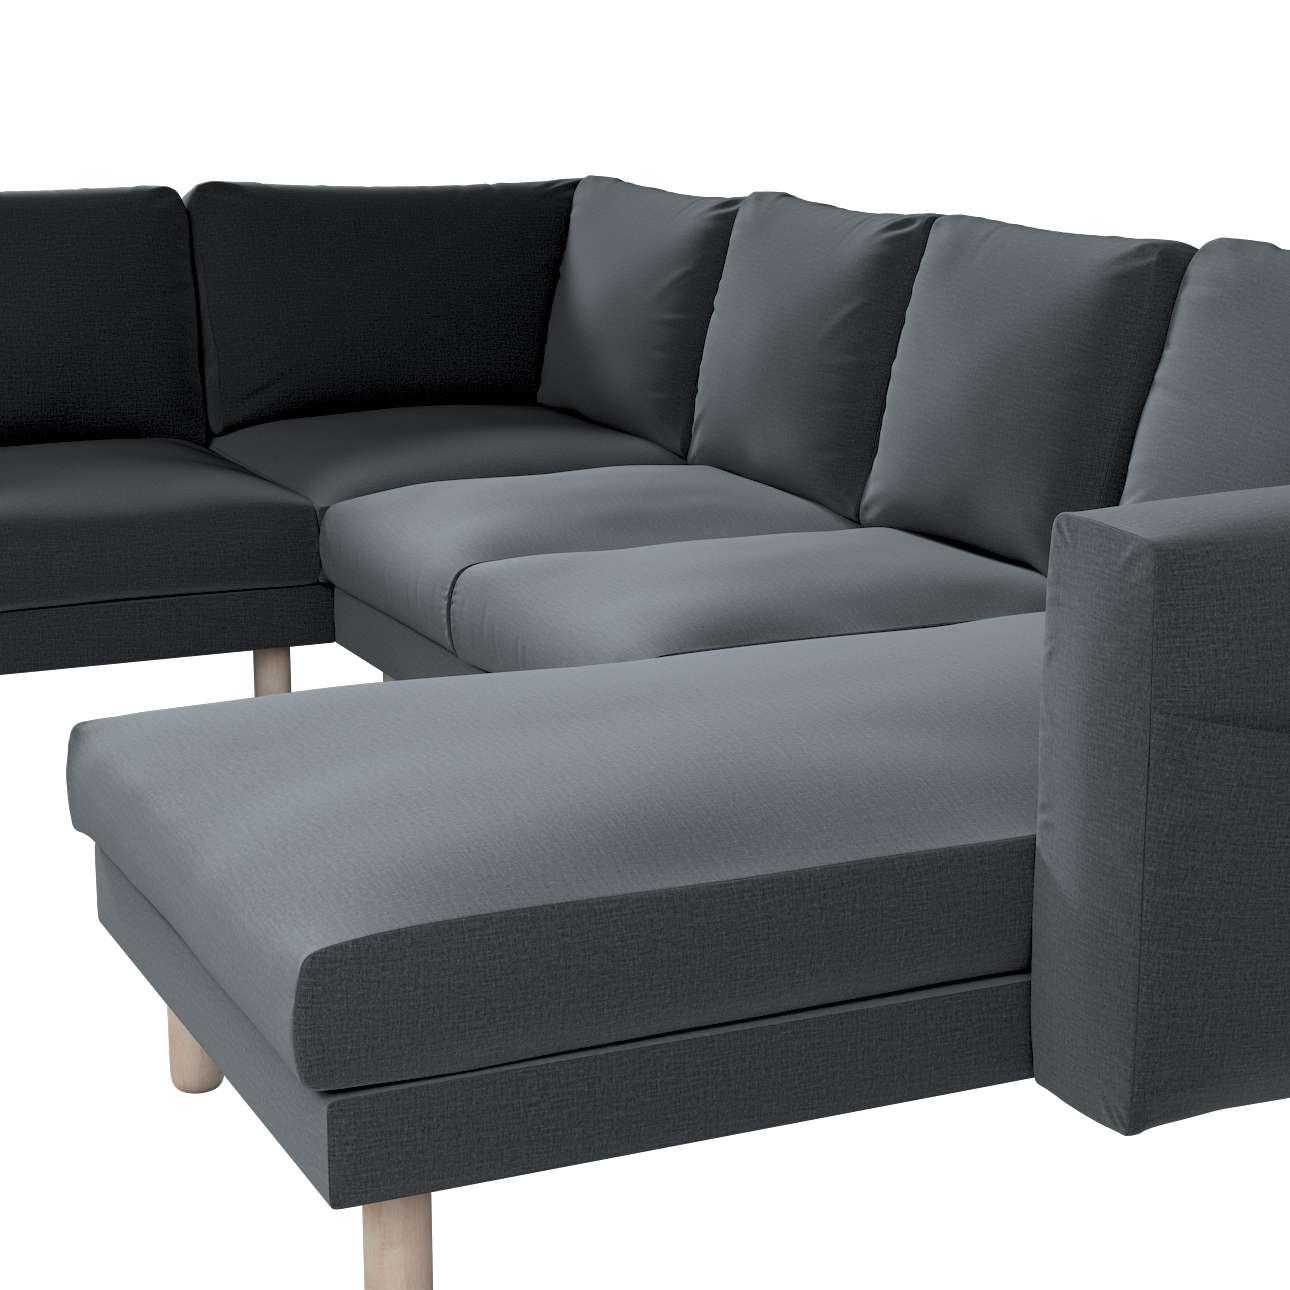 Pokrowiec na sofę narożną Norsborg 5-osobową z szezlongiem w kolekcji Ingrid, tkanina: 705-43